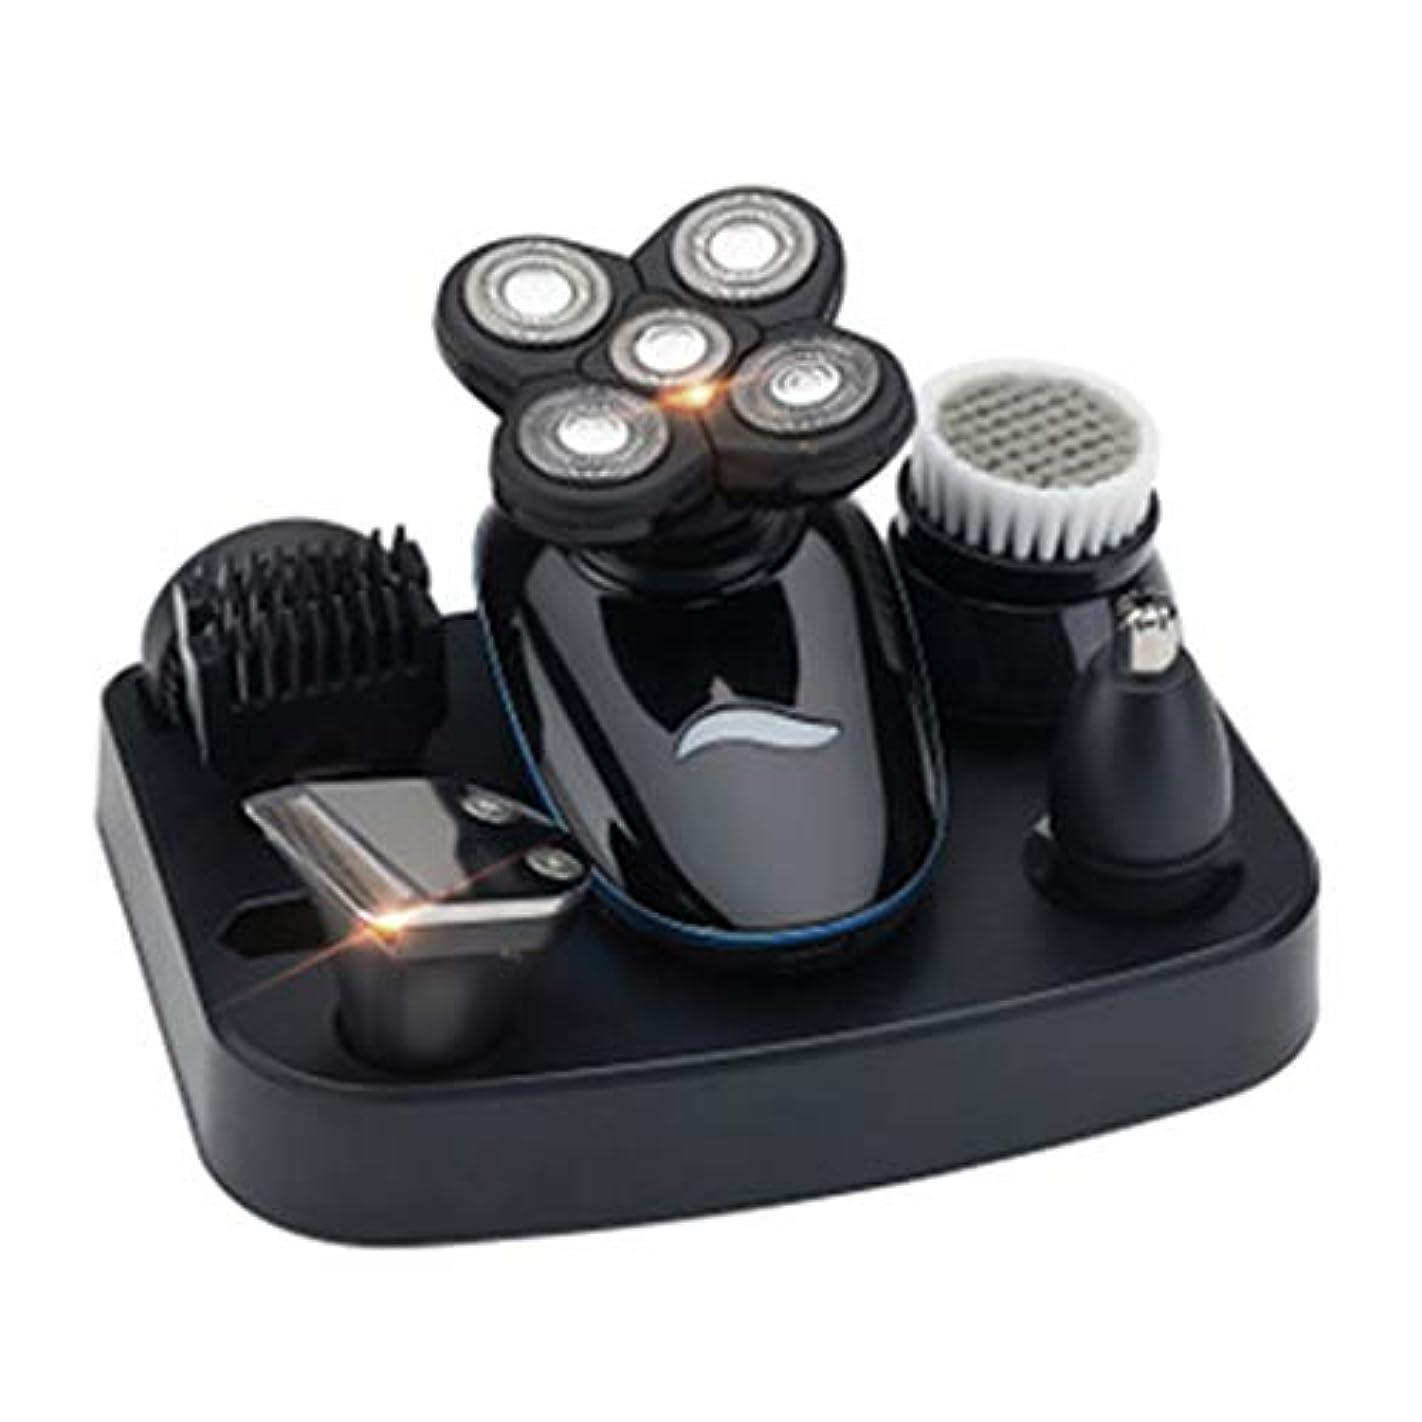 責浪費布ひげそり 電動 メンズシェーバー,USB充電式 5 in 1 髭剃り 電気シェーバー IPX7防水 多機能 お風呂剃りドライ両用 電気シェーバー 旅行用·家庭用